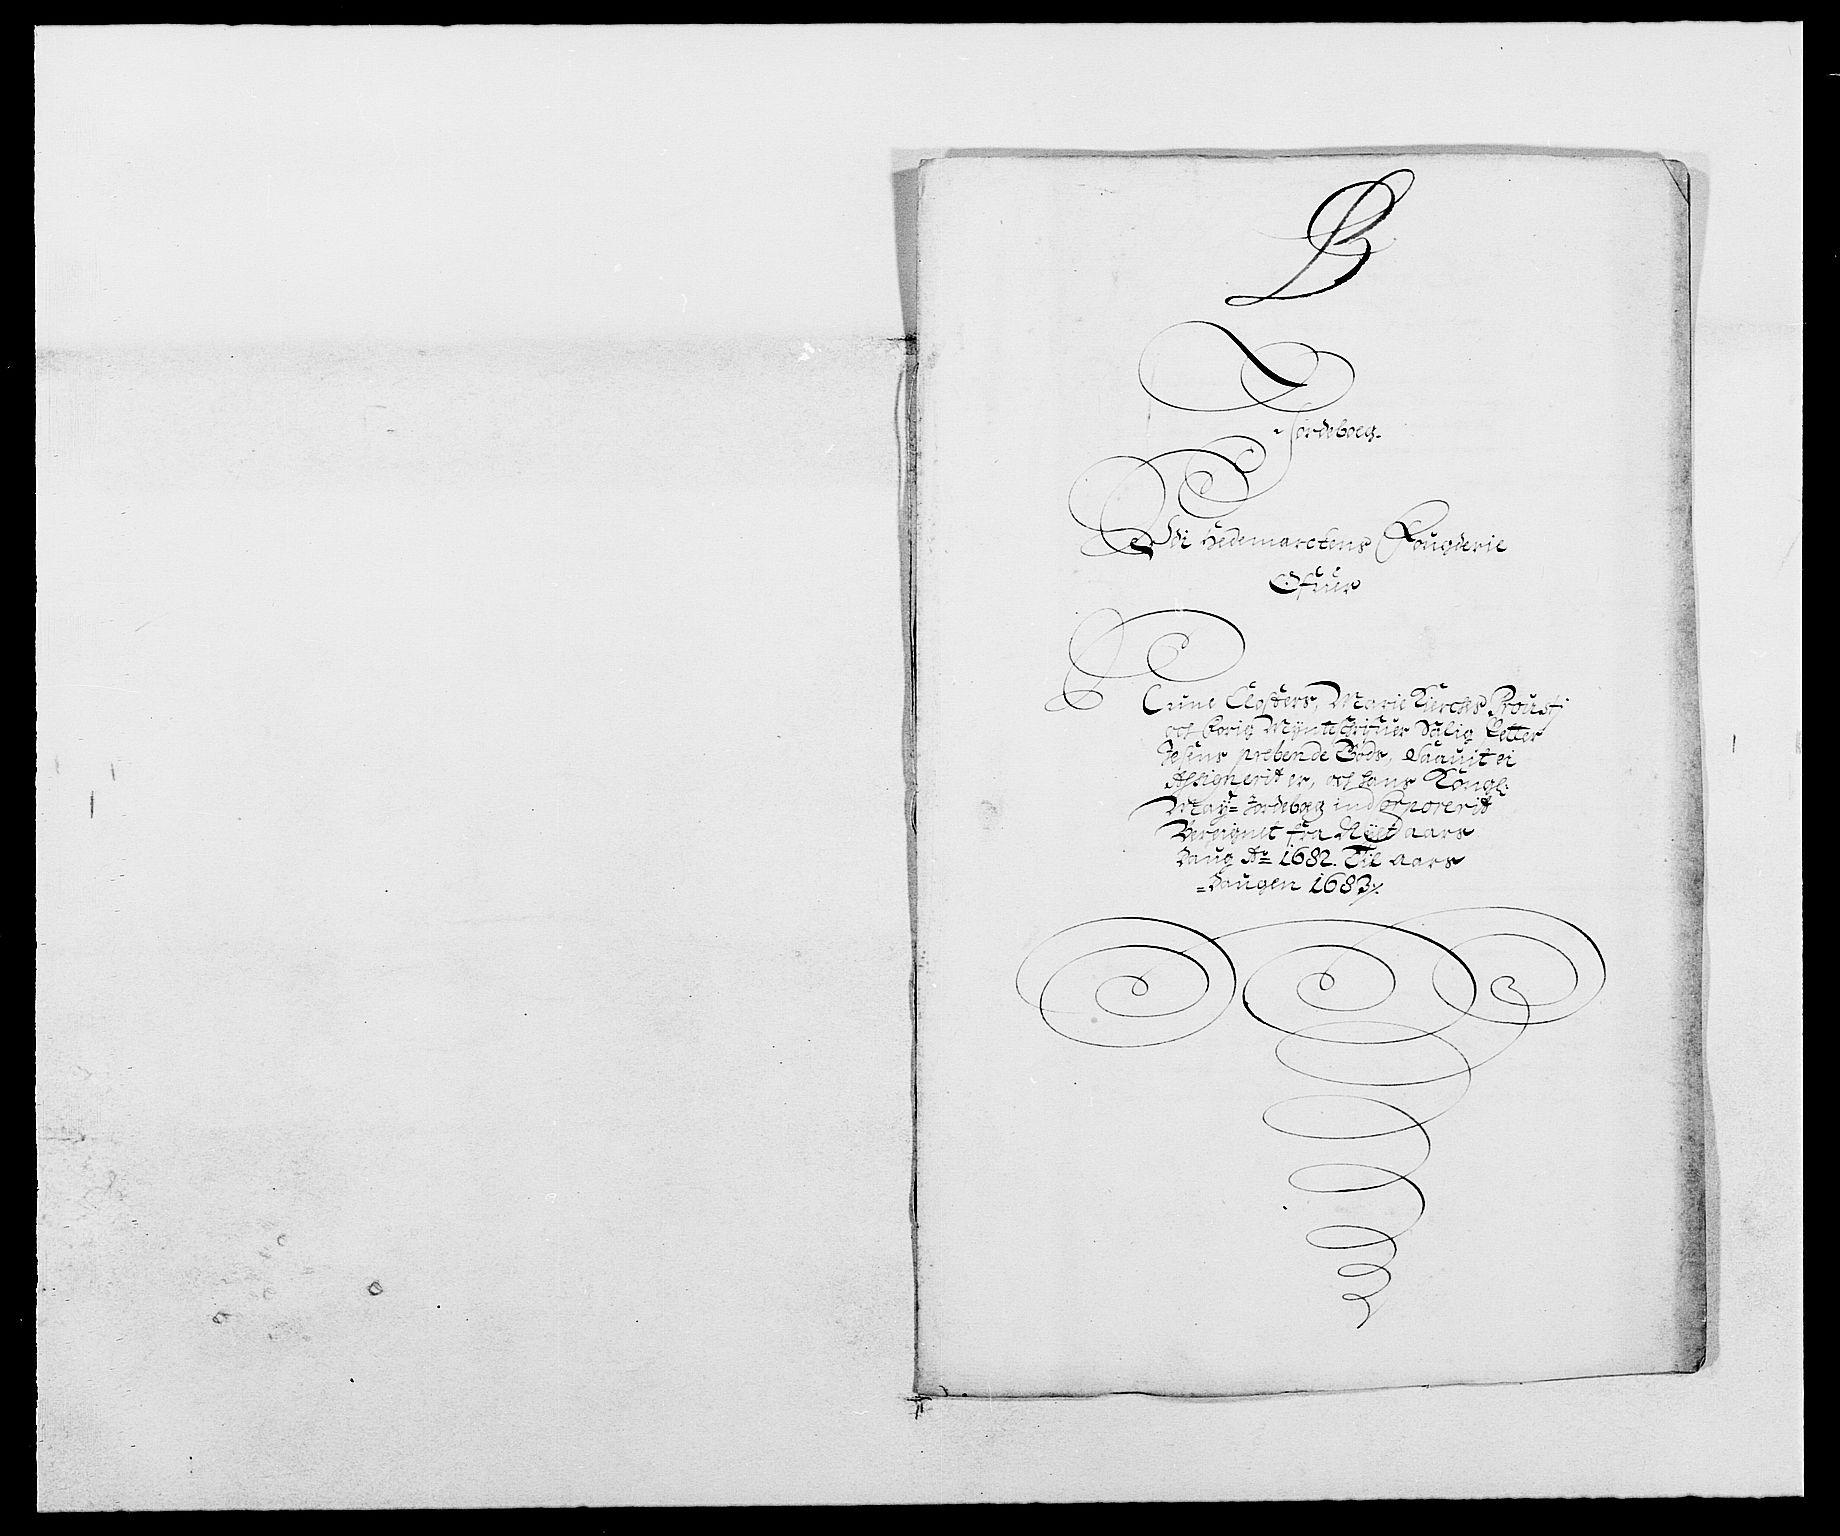 RA, Rentekammeret inntil 1814, Reviderte regnskaper, Fogderegnskap, R16/L1022: Fogderegnskap Hedmark, 1682, s. 109